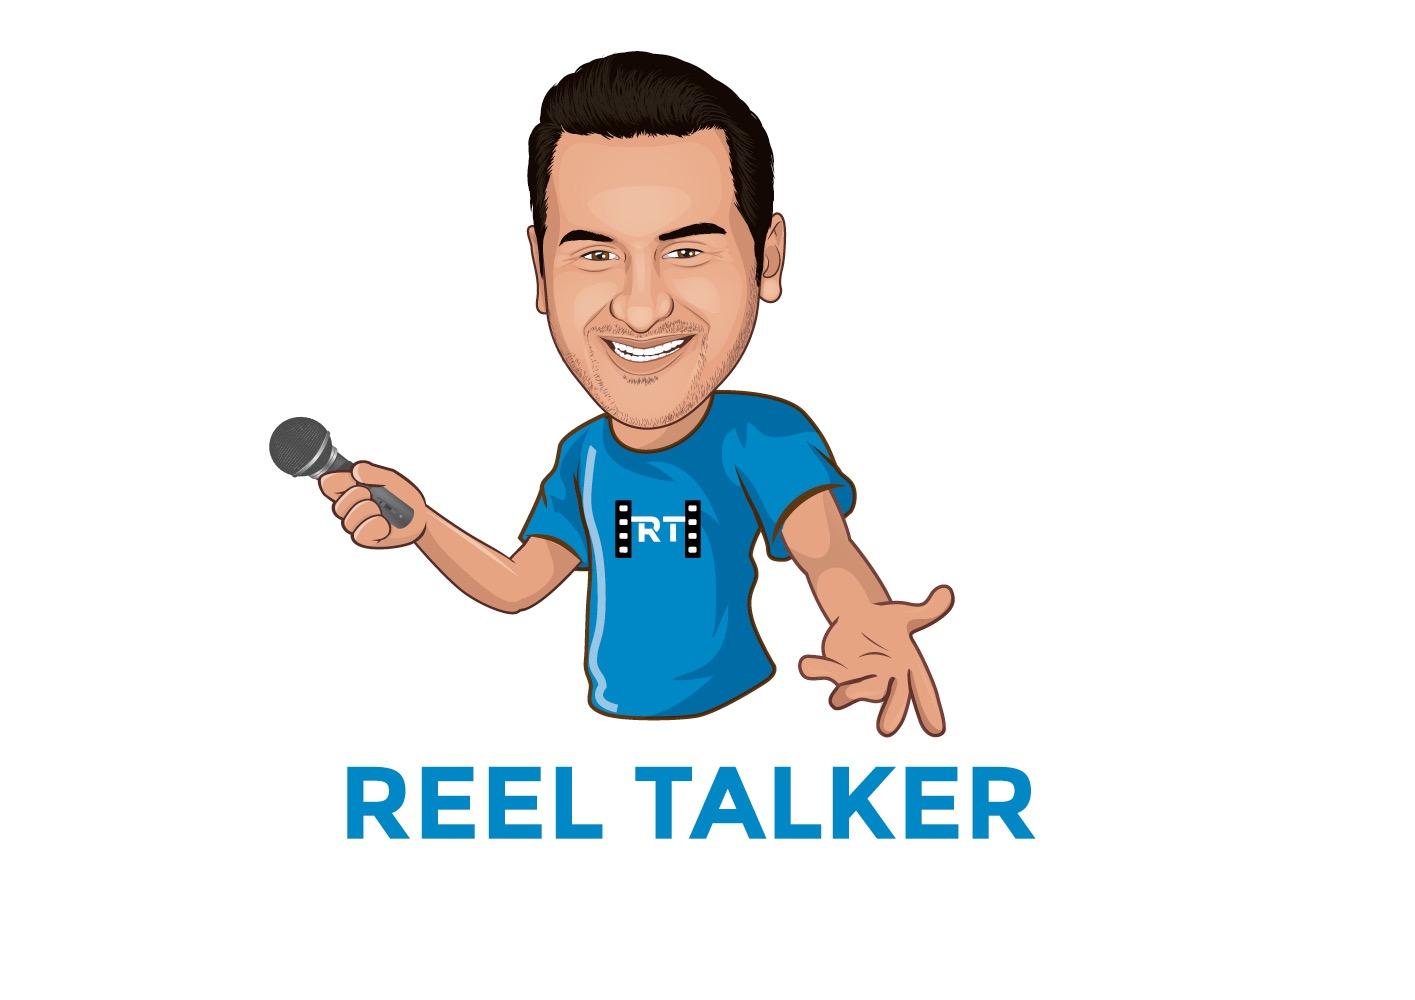 Reel Talker